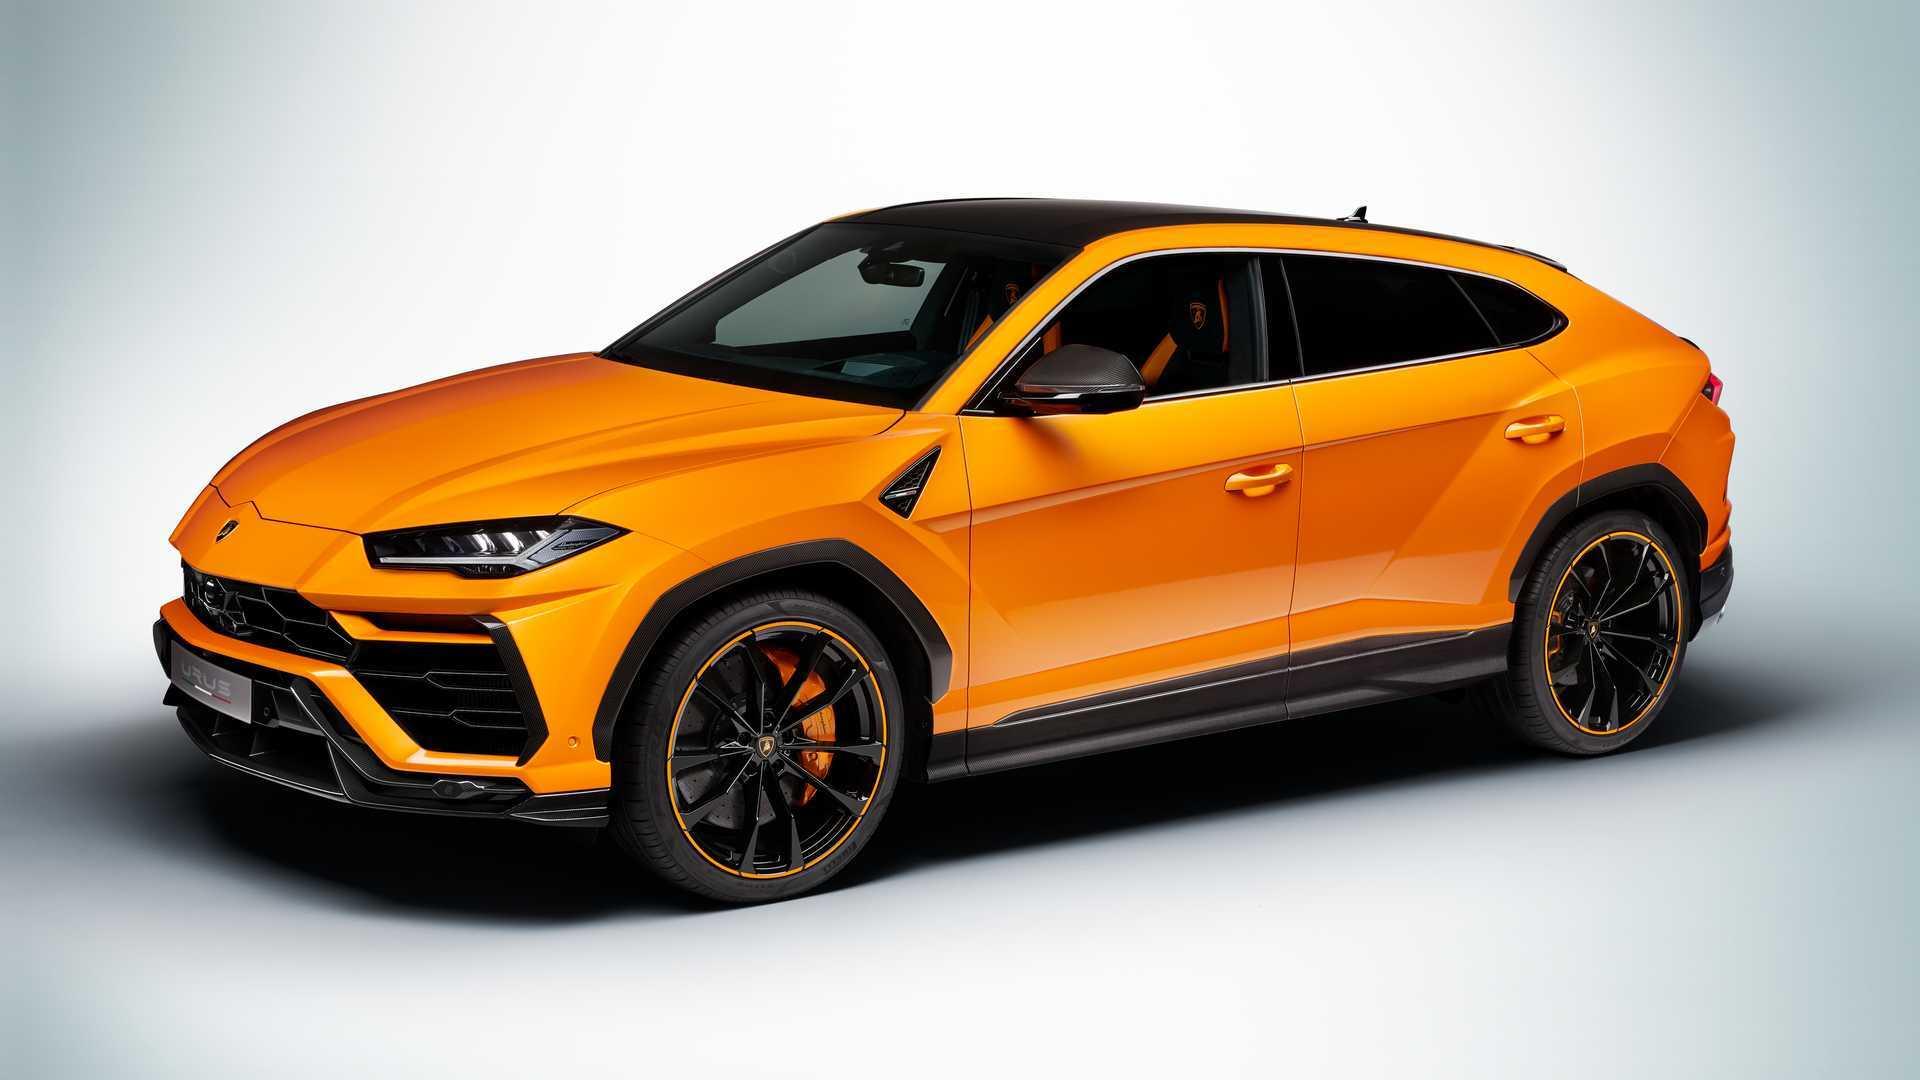 Гибридный Lamborghini Urus станет самой мощной моделью марки